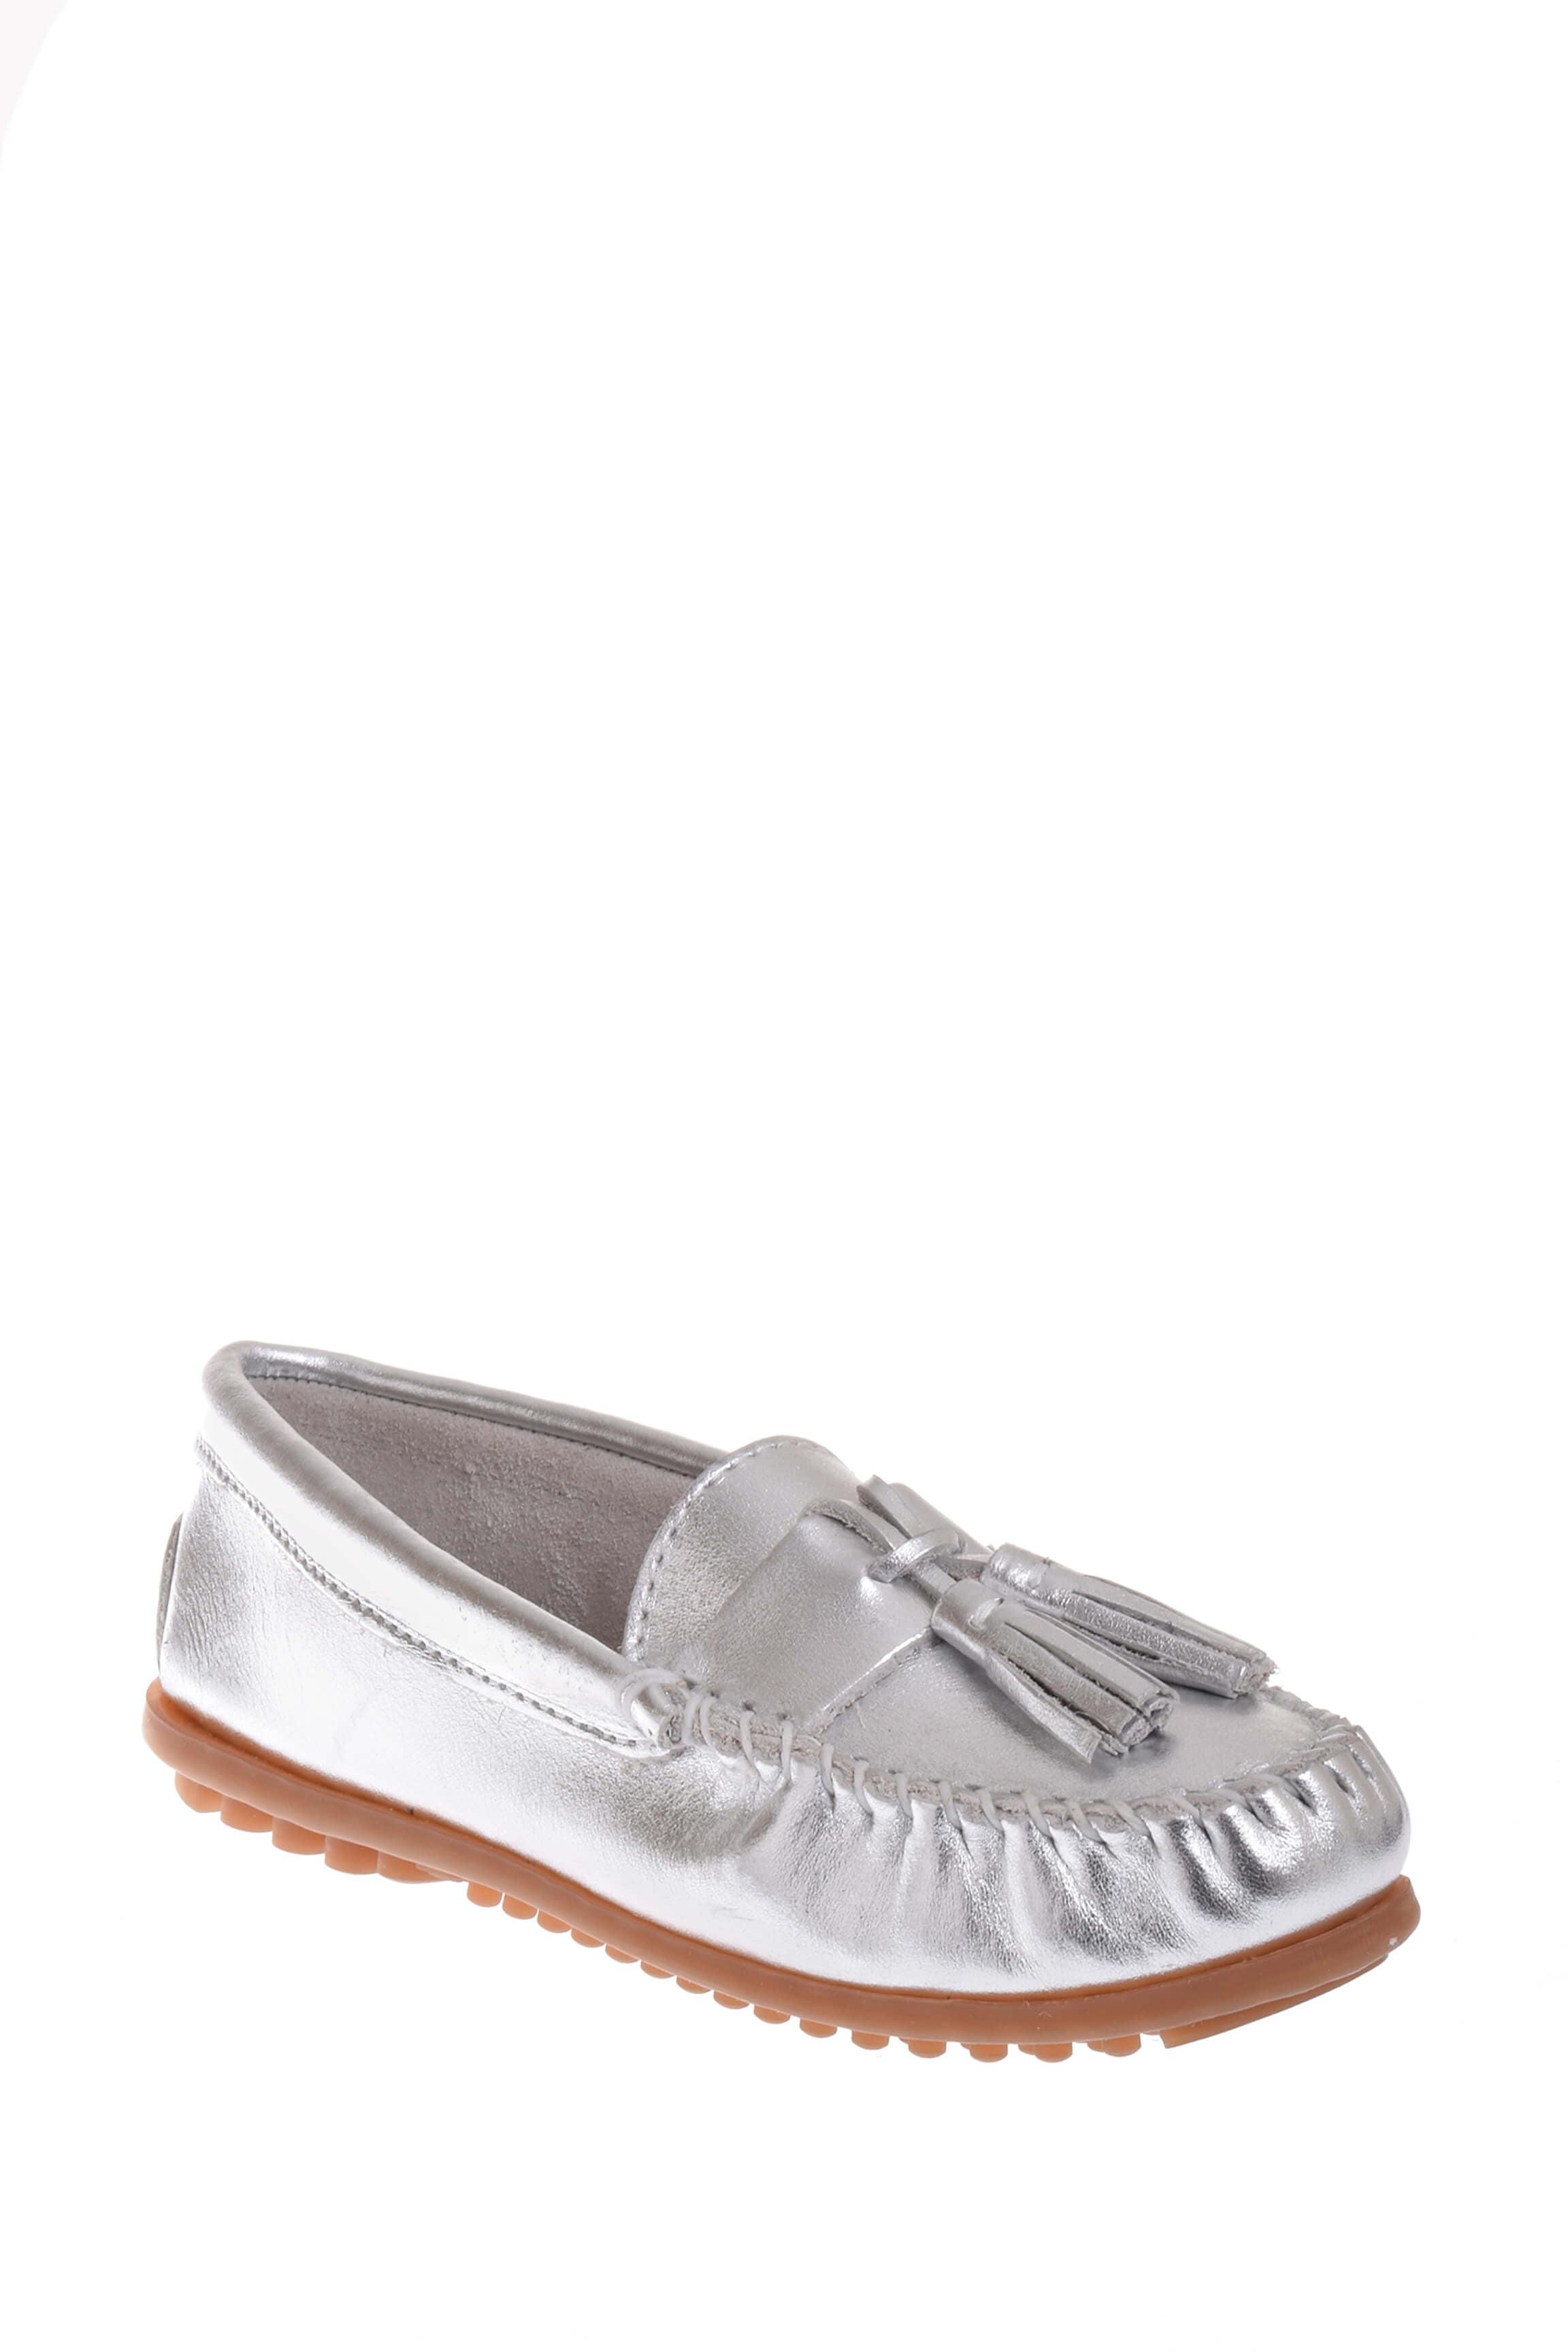 Minnetonka 411T Grace Moc Loafer Silver by